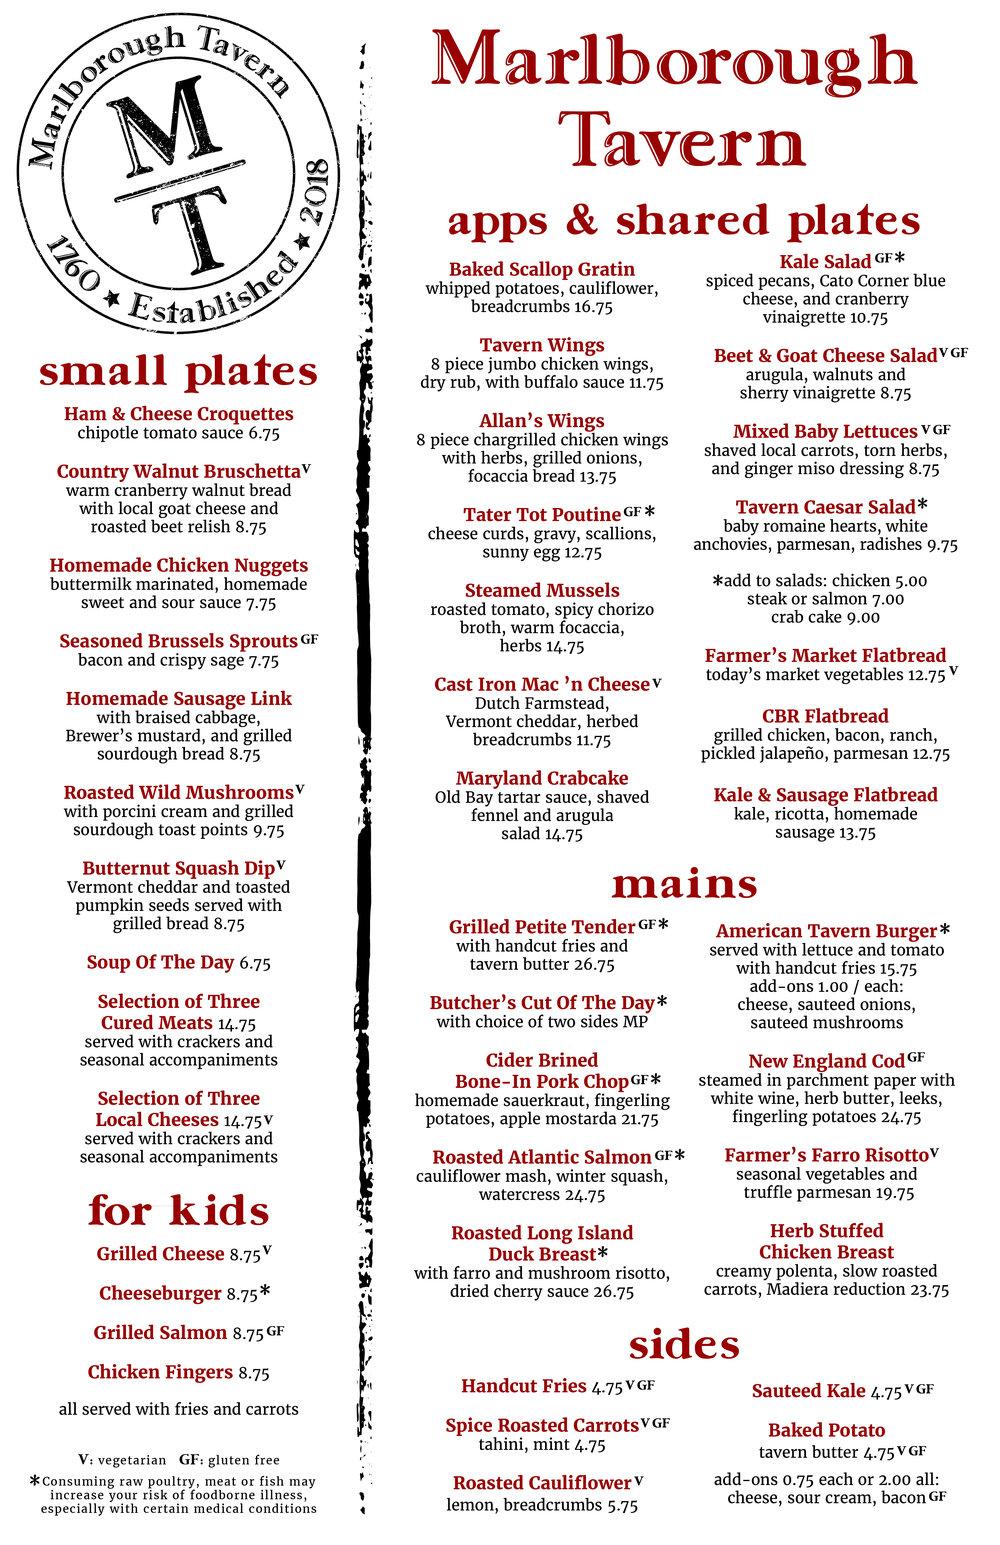 tavern menu 2.jpg